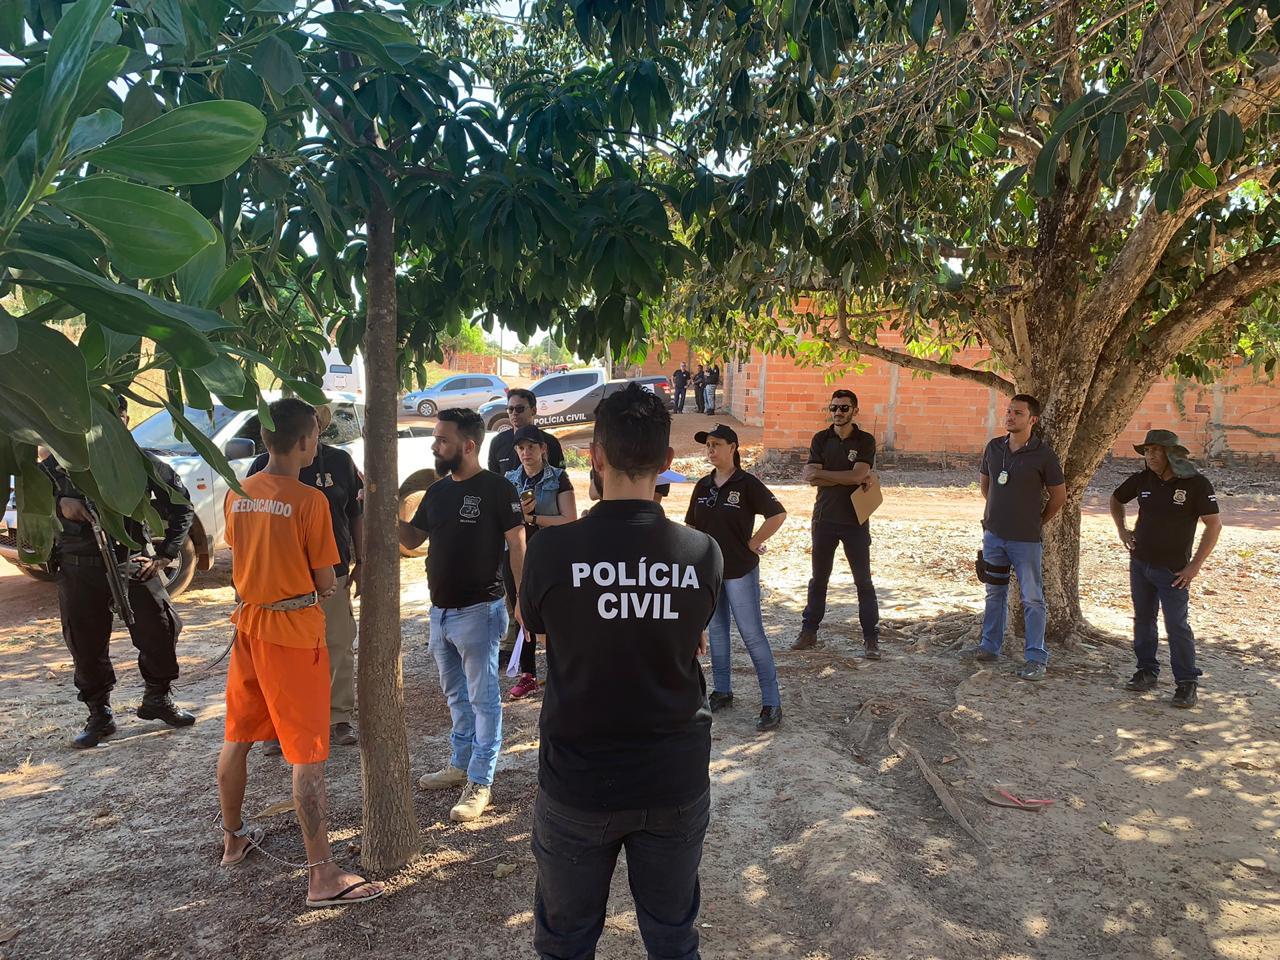 Polícia Civil efetua reprodução simulada de crime bárbaro ocorrido em Divinópolis